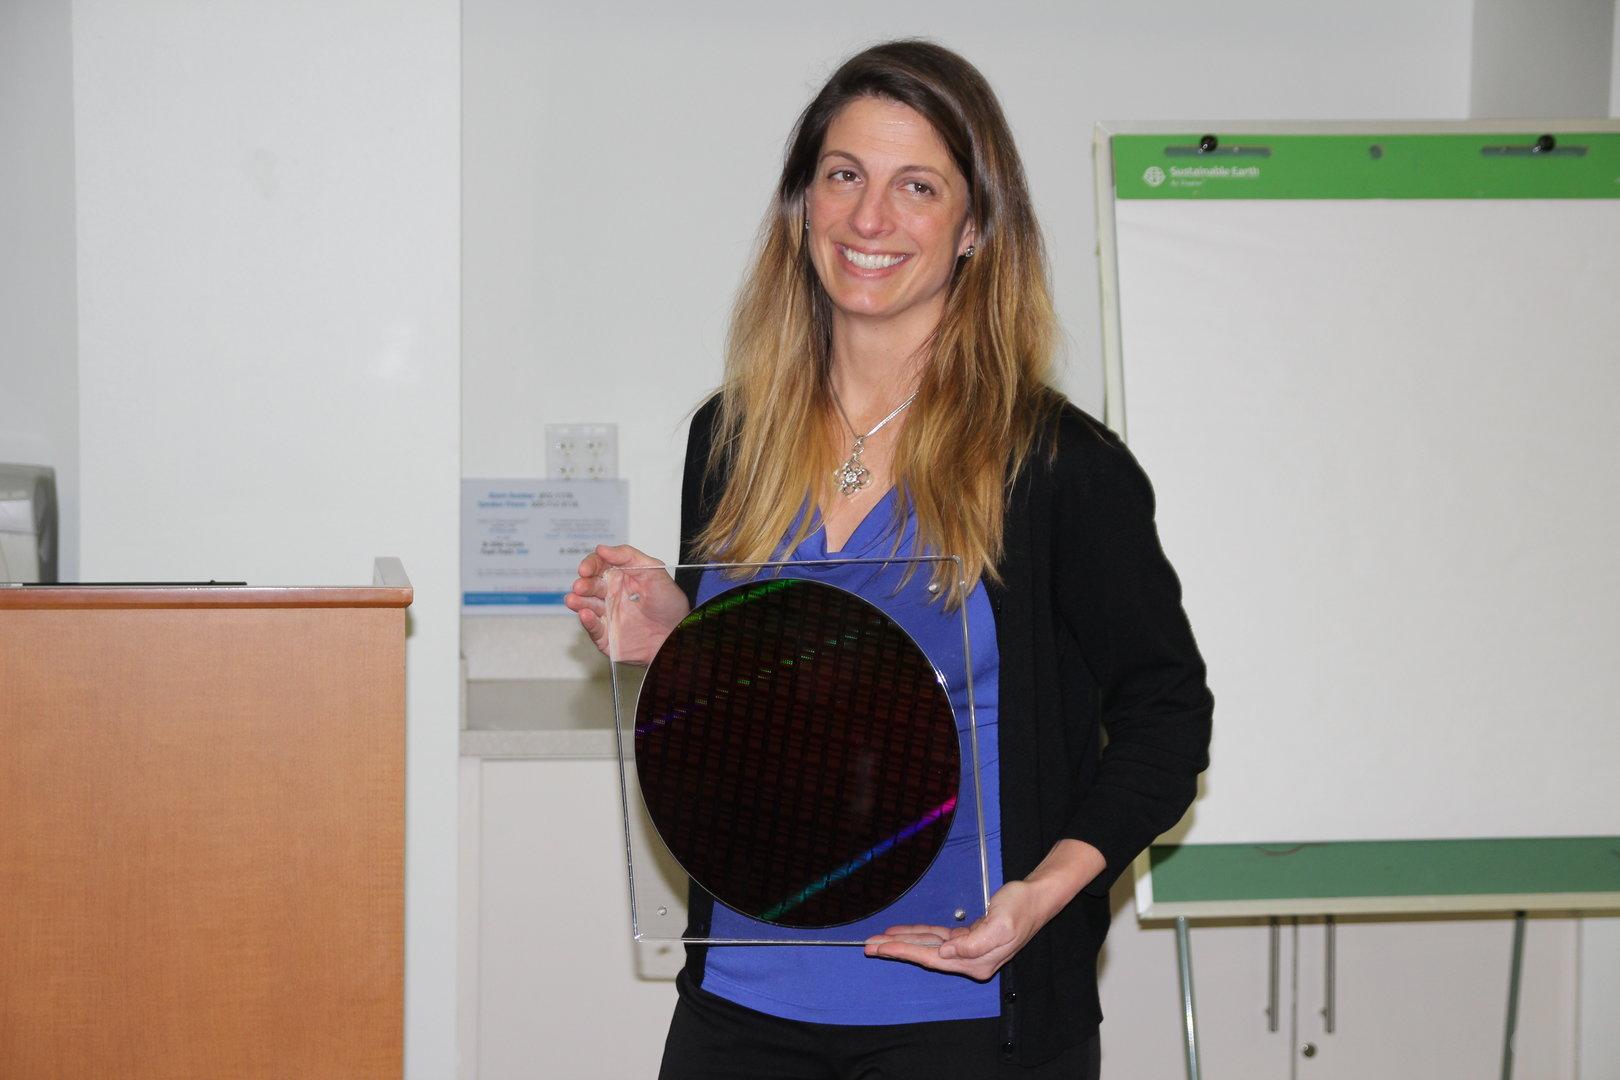 """Jennifer Huffstetler mit Wafer eines Intel Xeon E5-2600 v4 """"Broadwell-EP"""""""